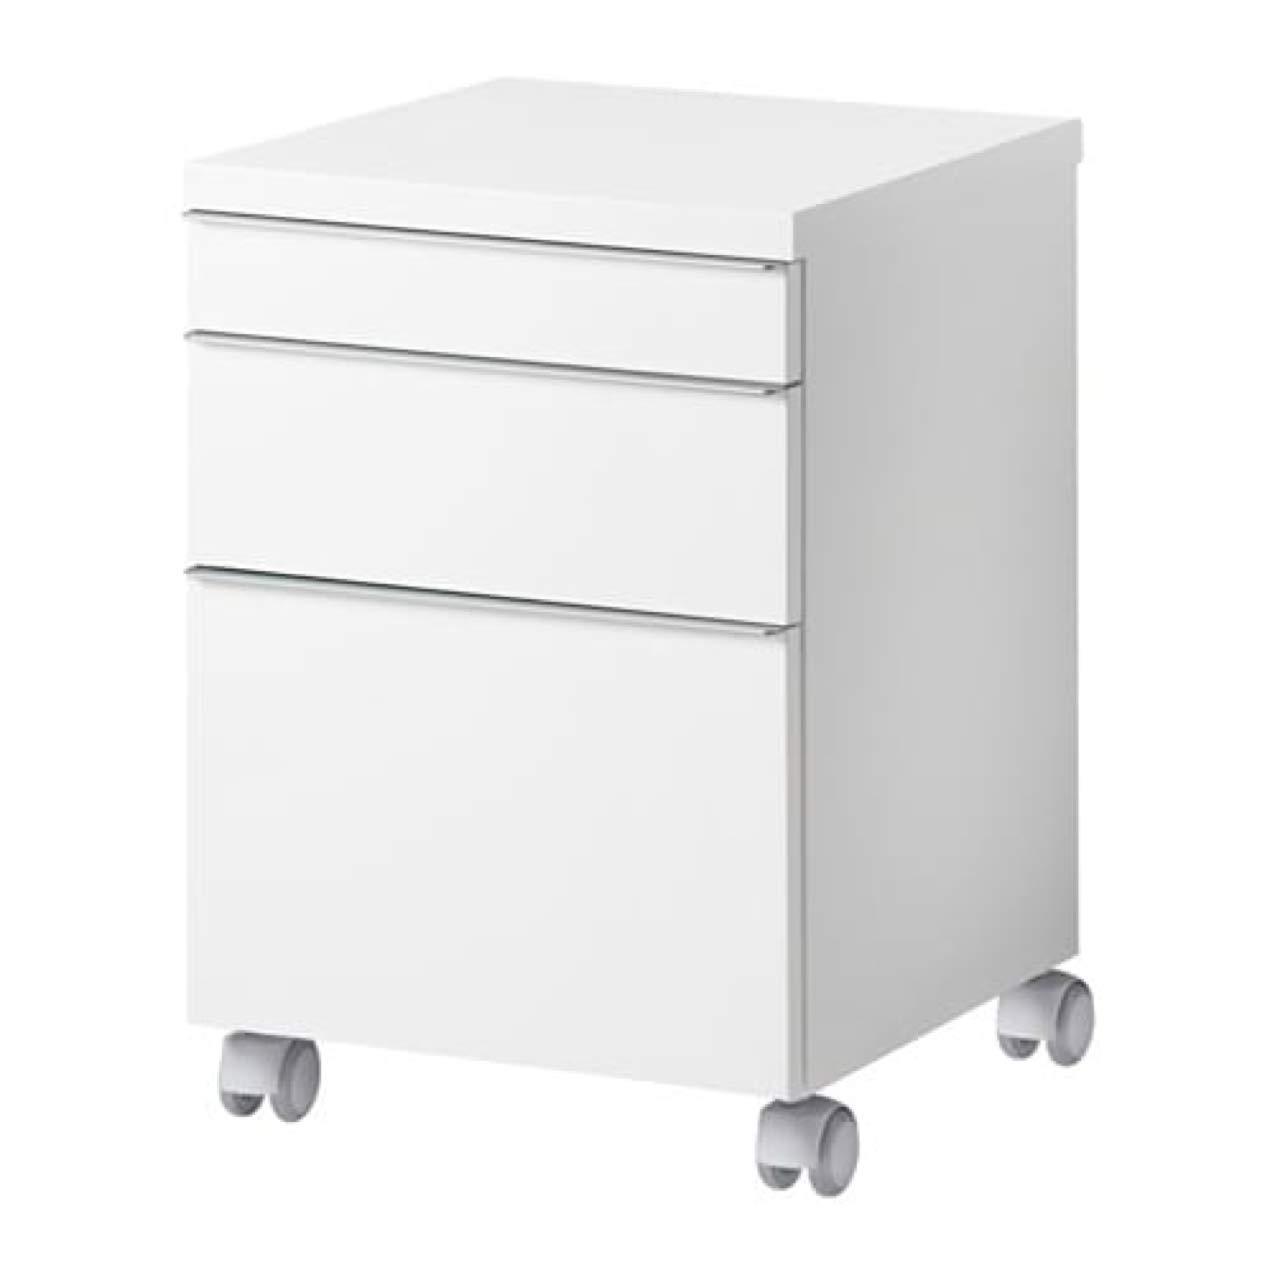 Ikea Besta Burs 402.840.30 - Cajonera (3/4 x 15 3/4 cm), Color ...